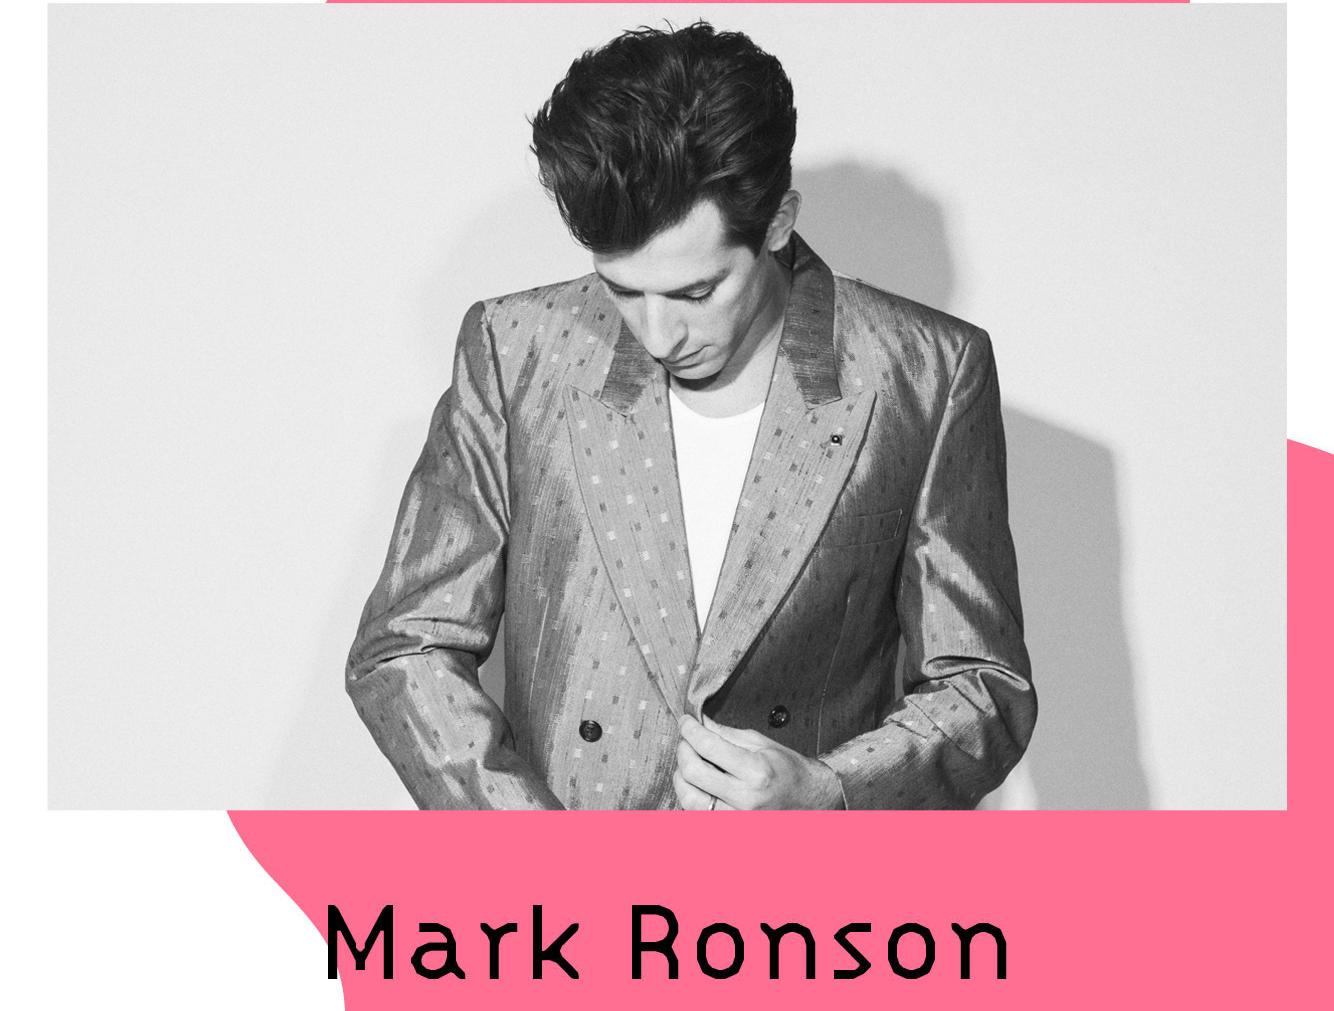 Mark Ronson koncert - Sziget Fesztivál 2020